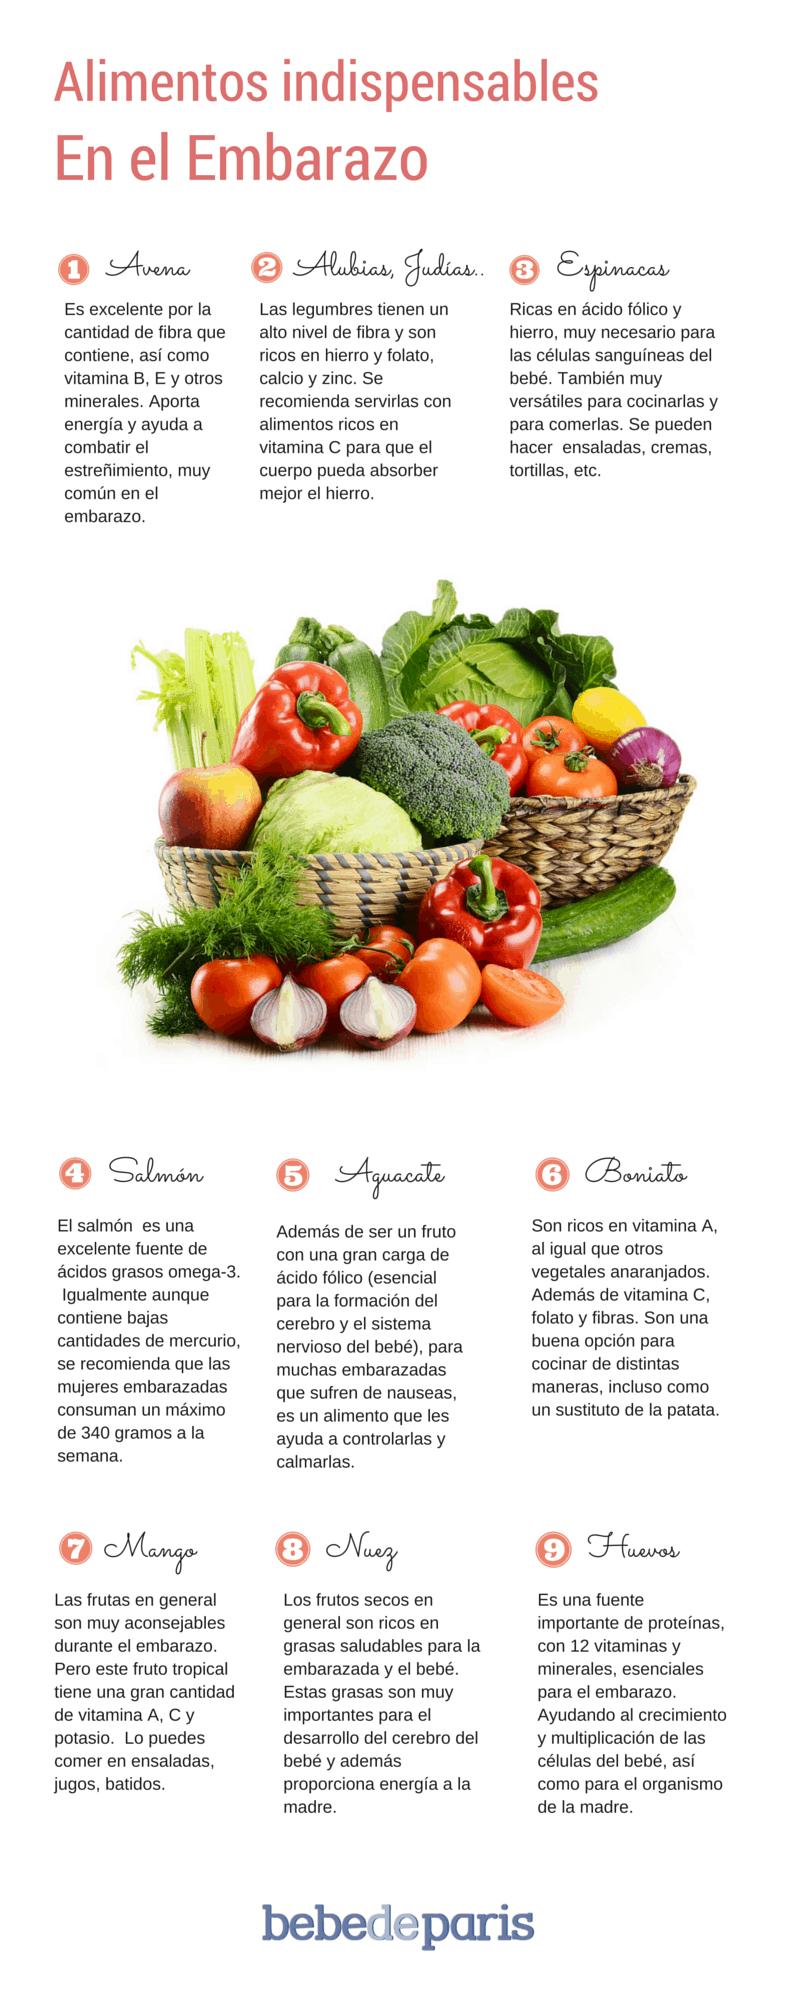 infografia- alimentos en el embarazo (1)